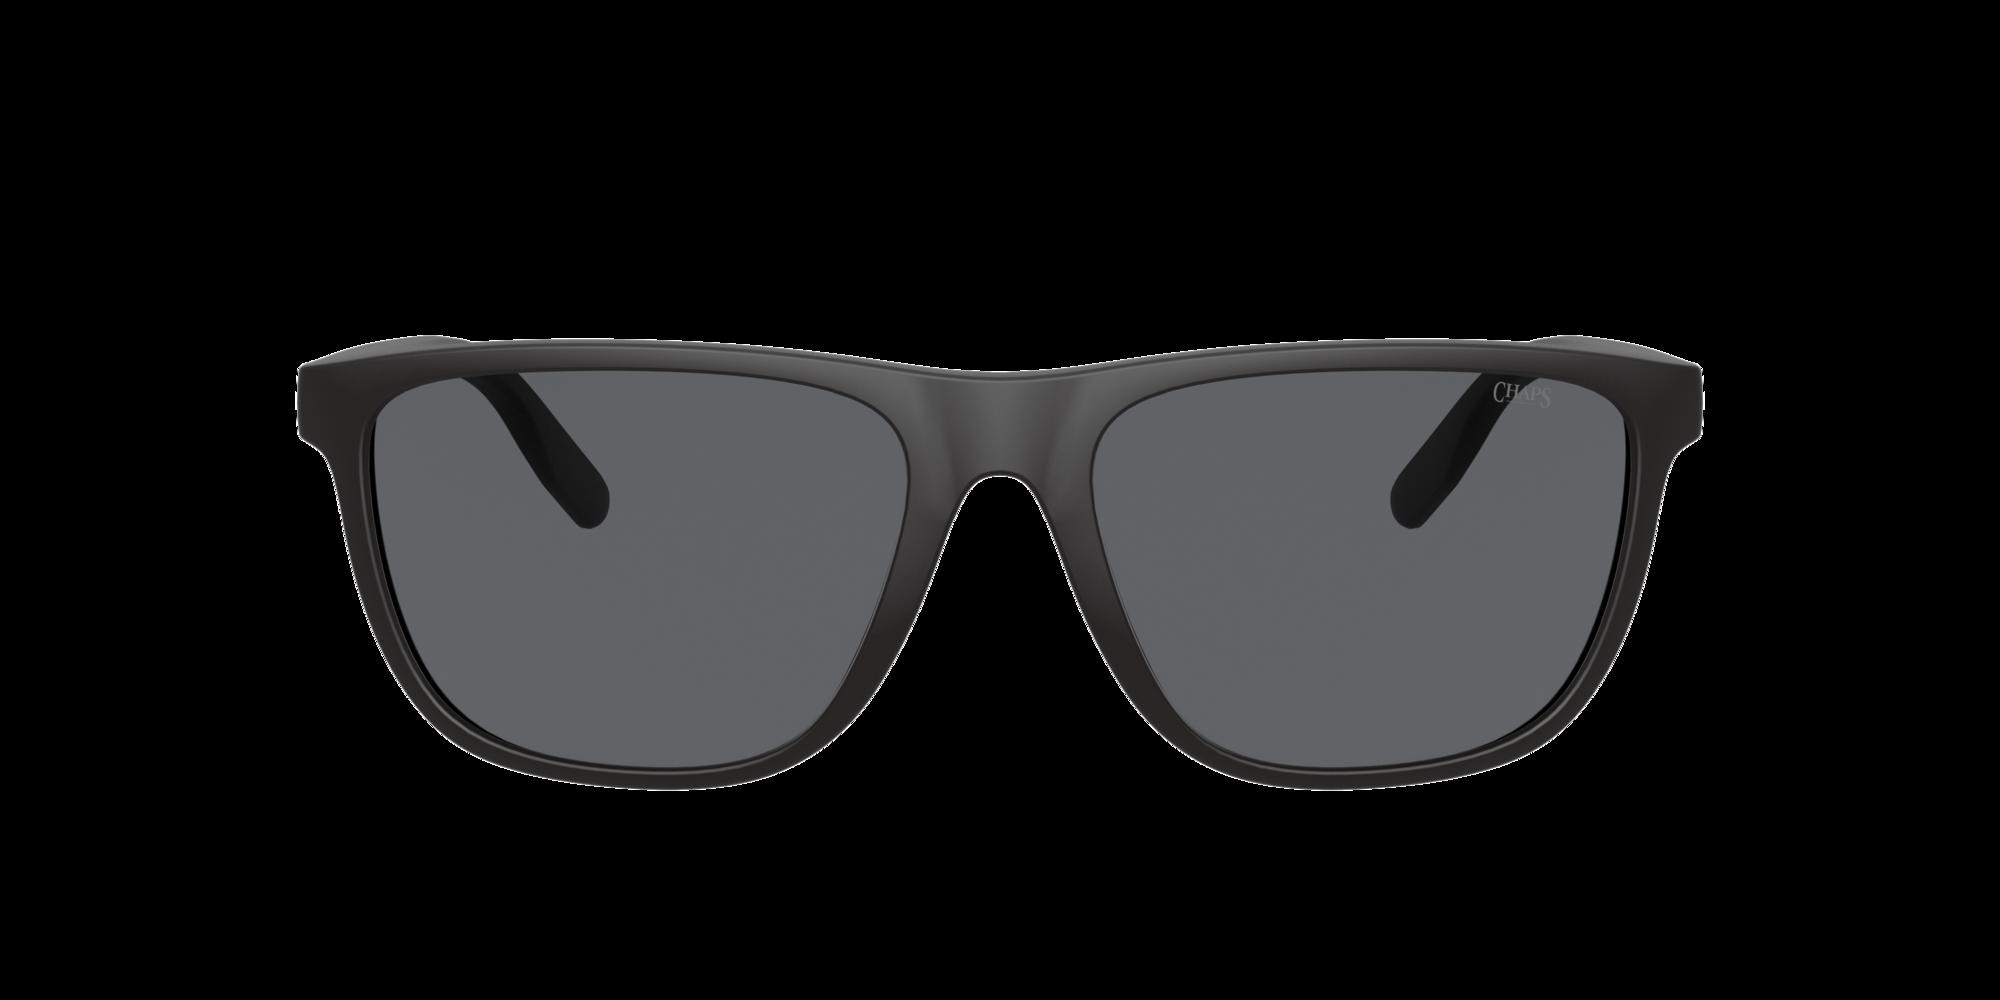 Imagen para CP5003 57 de LensCrafters |  Espejuelos, espejuelos graduados en línea, gafas